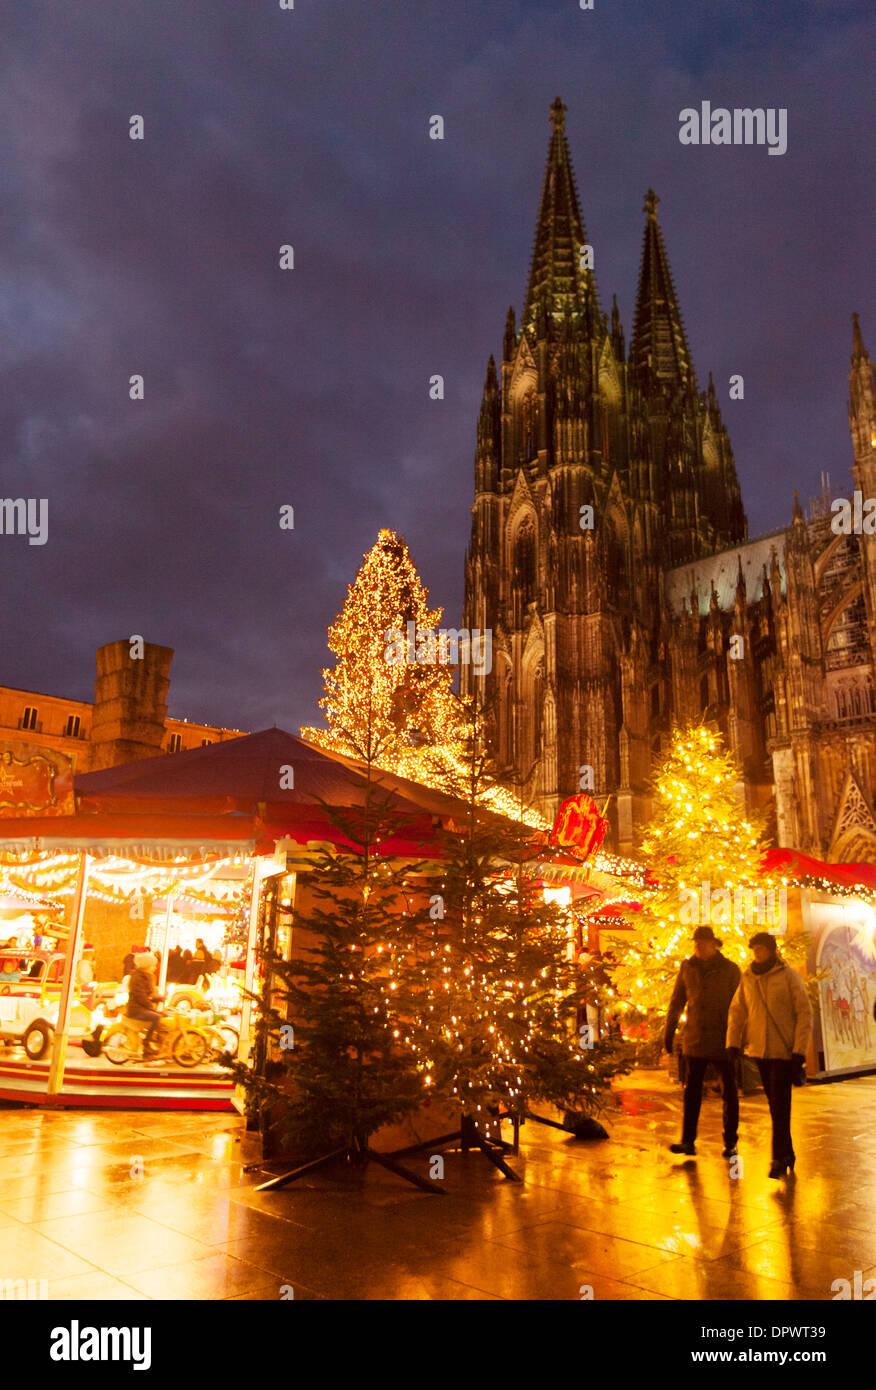 öffnungszeiten Weihnachtsmarkt Köln.Weihnachtsmarkt Am Kölner Dom Markt Bei Nacht Köln Köln